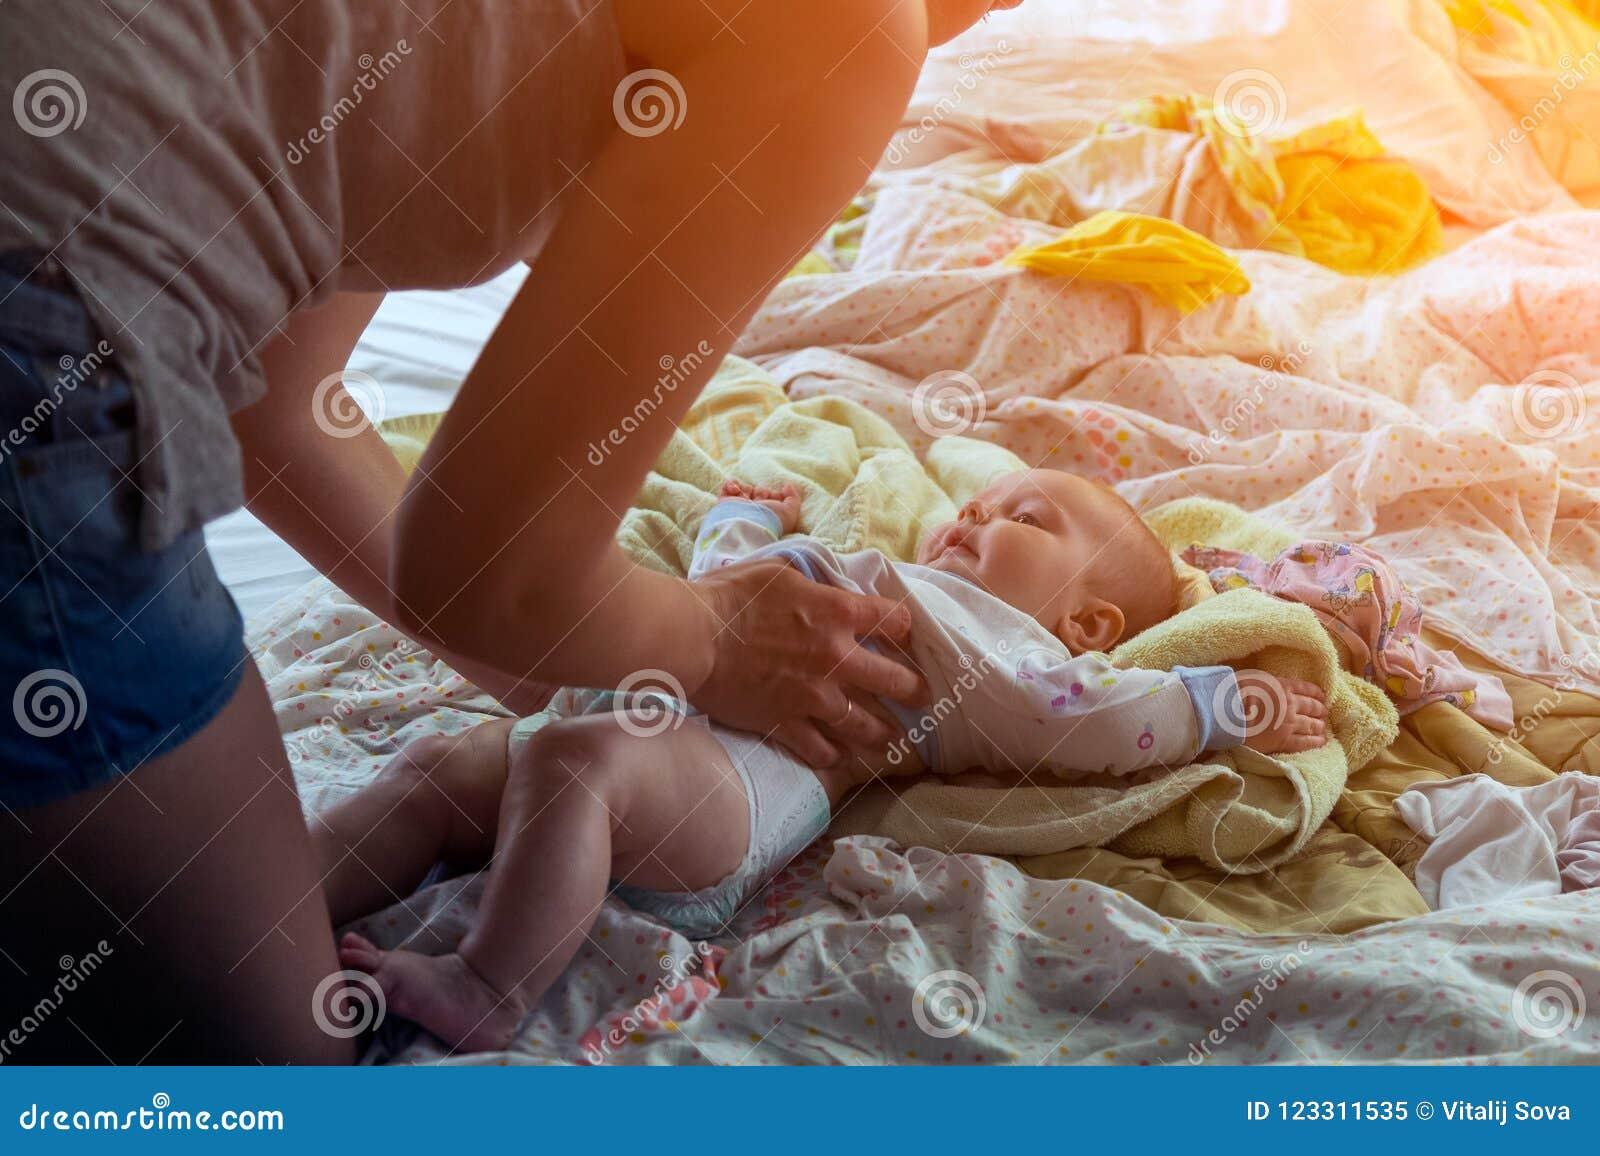 Μητέρα swaddles και φορέματα ένα μικρό κοριτσάκι